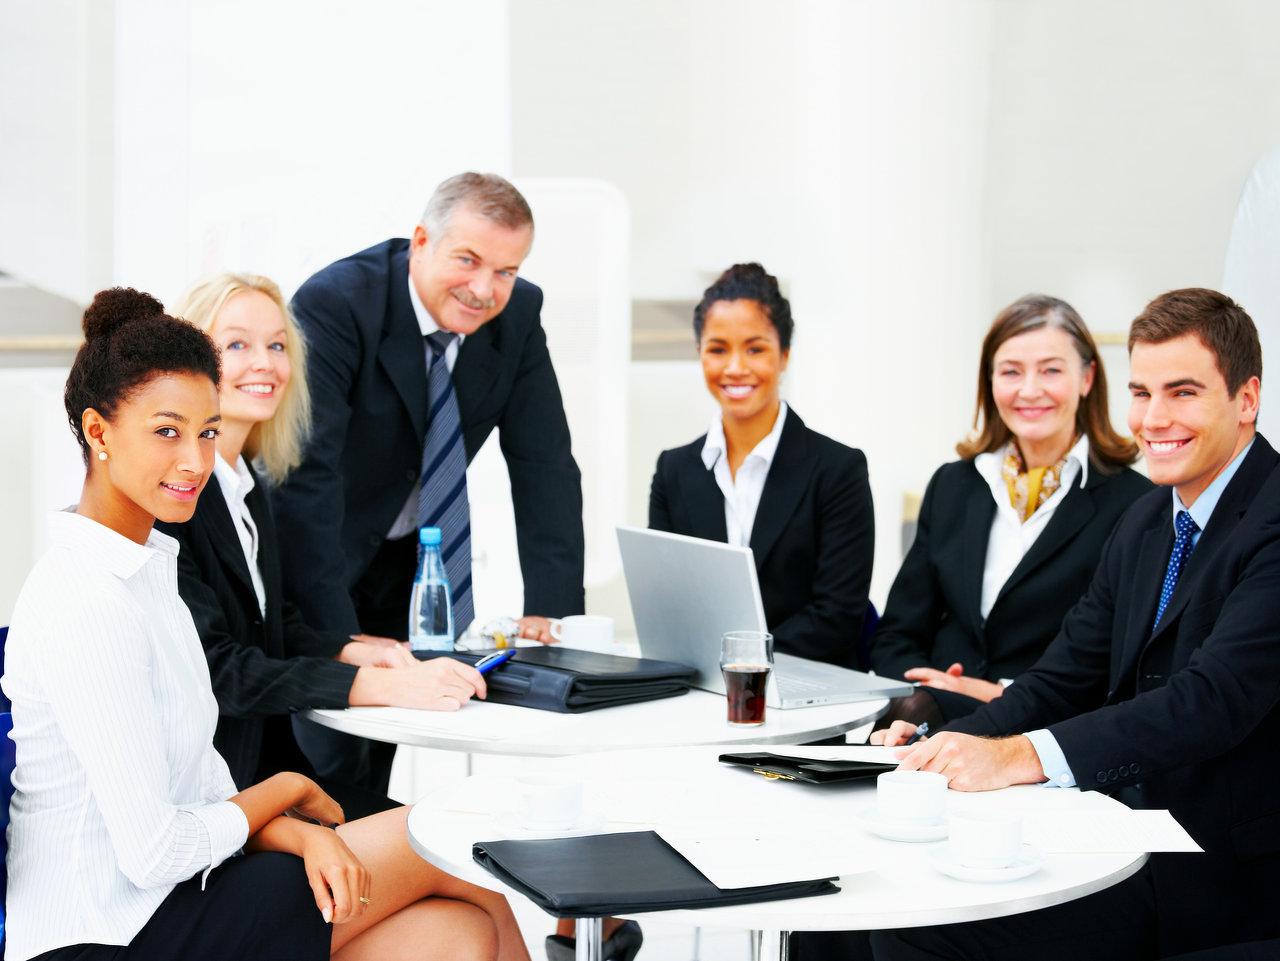 同事常常目中無人 6 個法則教你贏得職場尊重